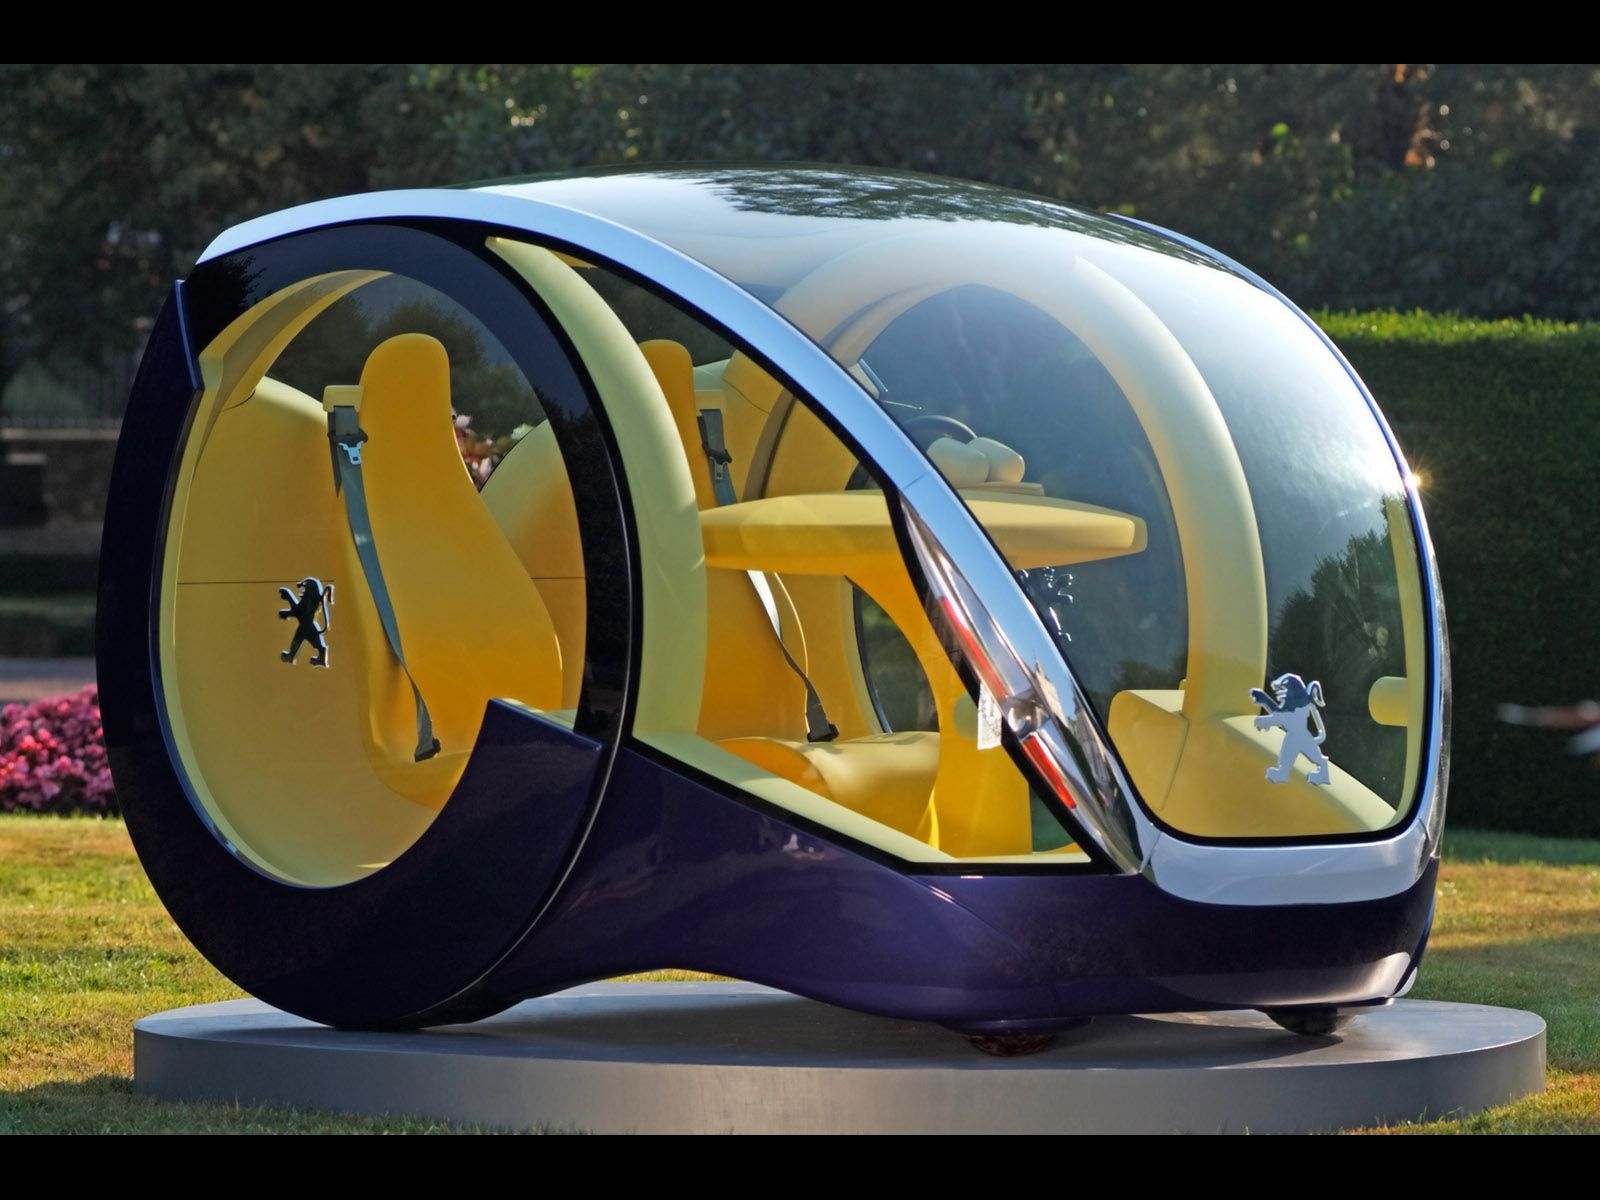 концепткар Peugeot Moovie